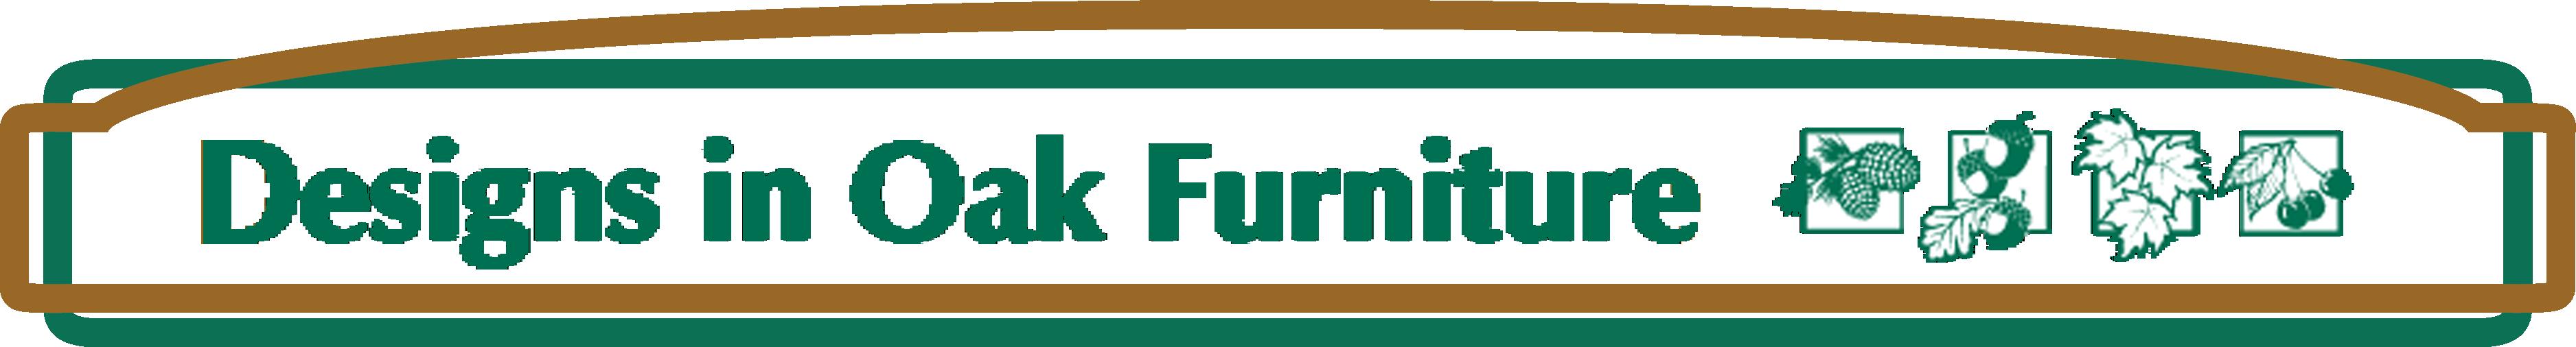 Fresno & Clovis Furniture Store - Living Room Furniture - Children\'s Furniture – Living Room Furniture - Fresno, CA